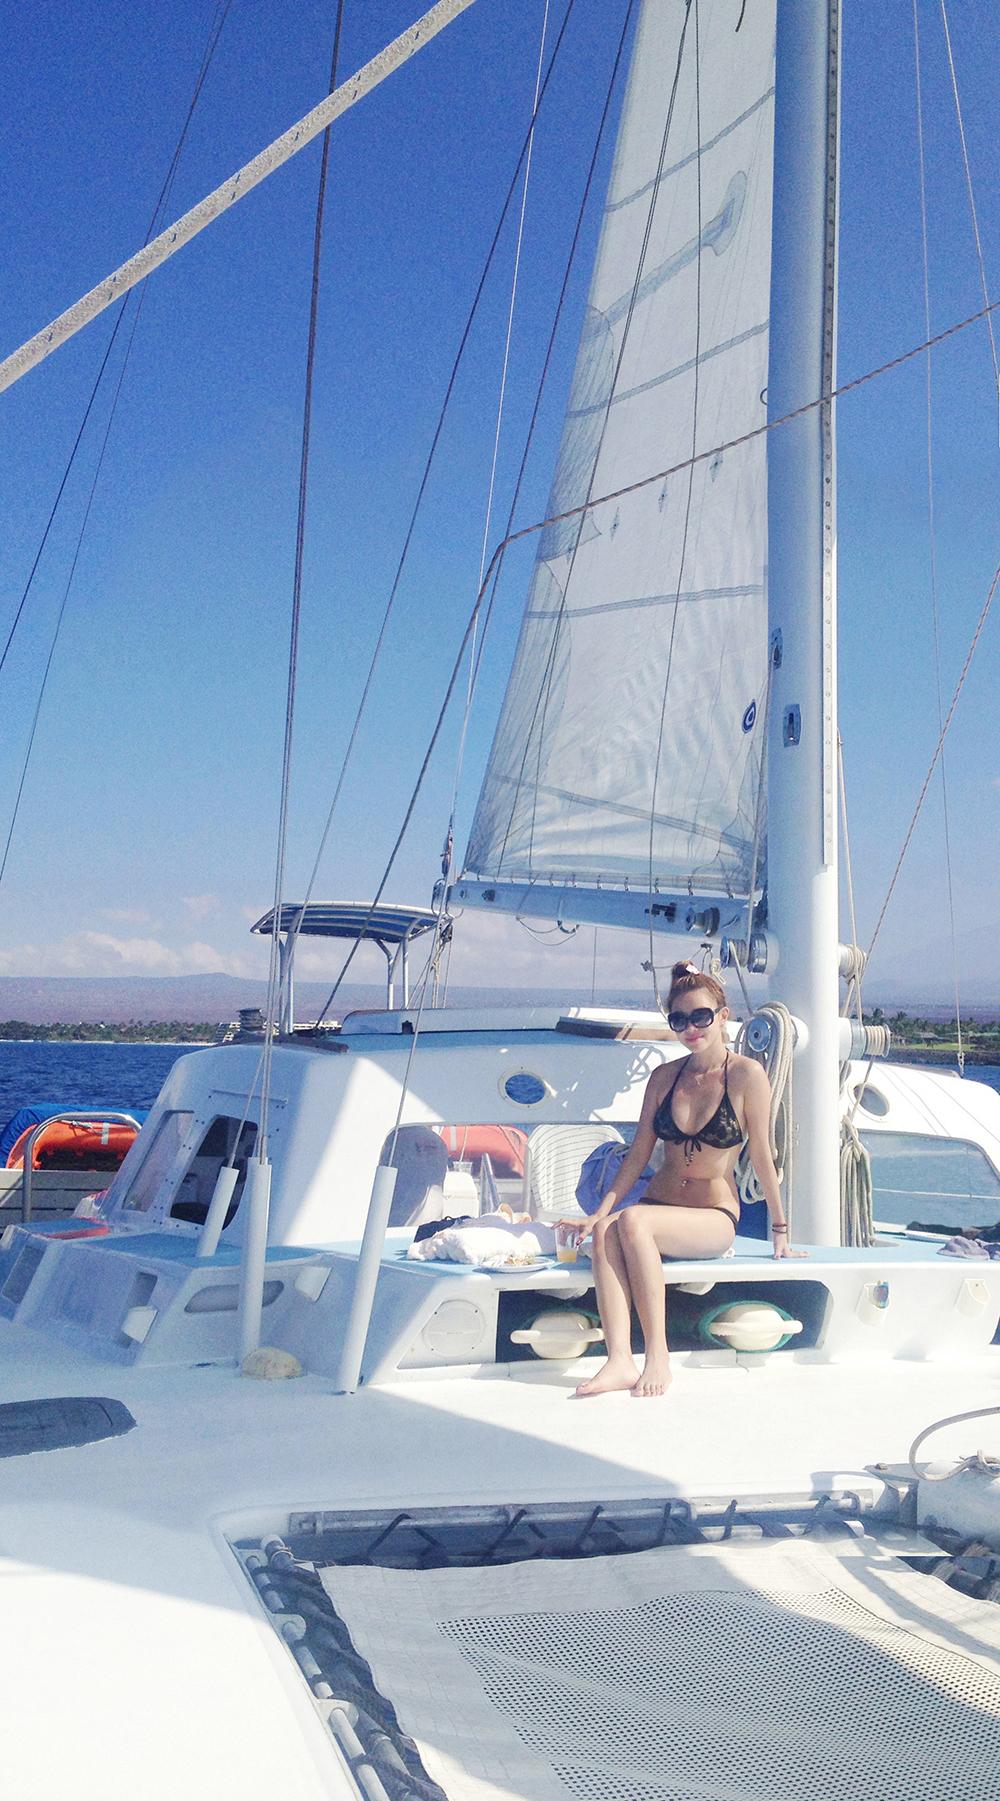 sail_boat_hawaii